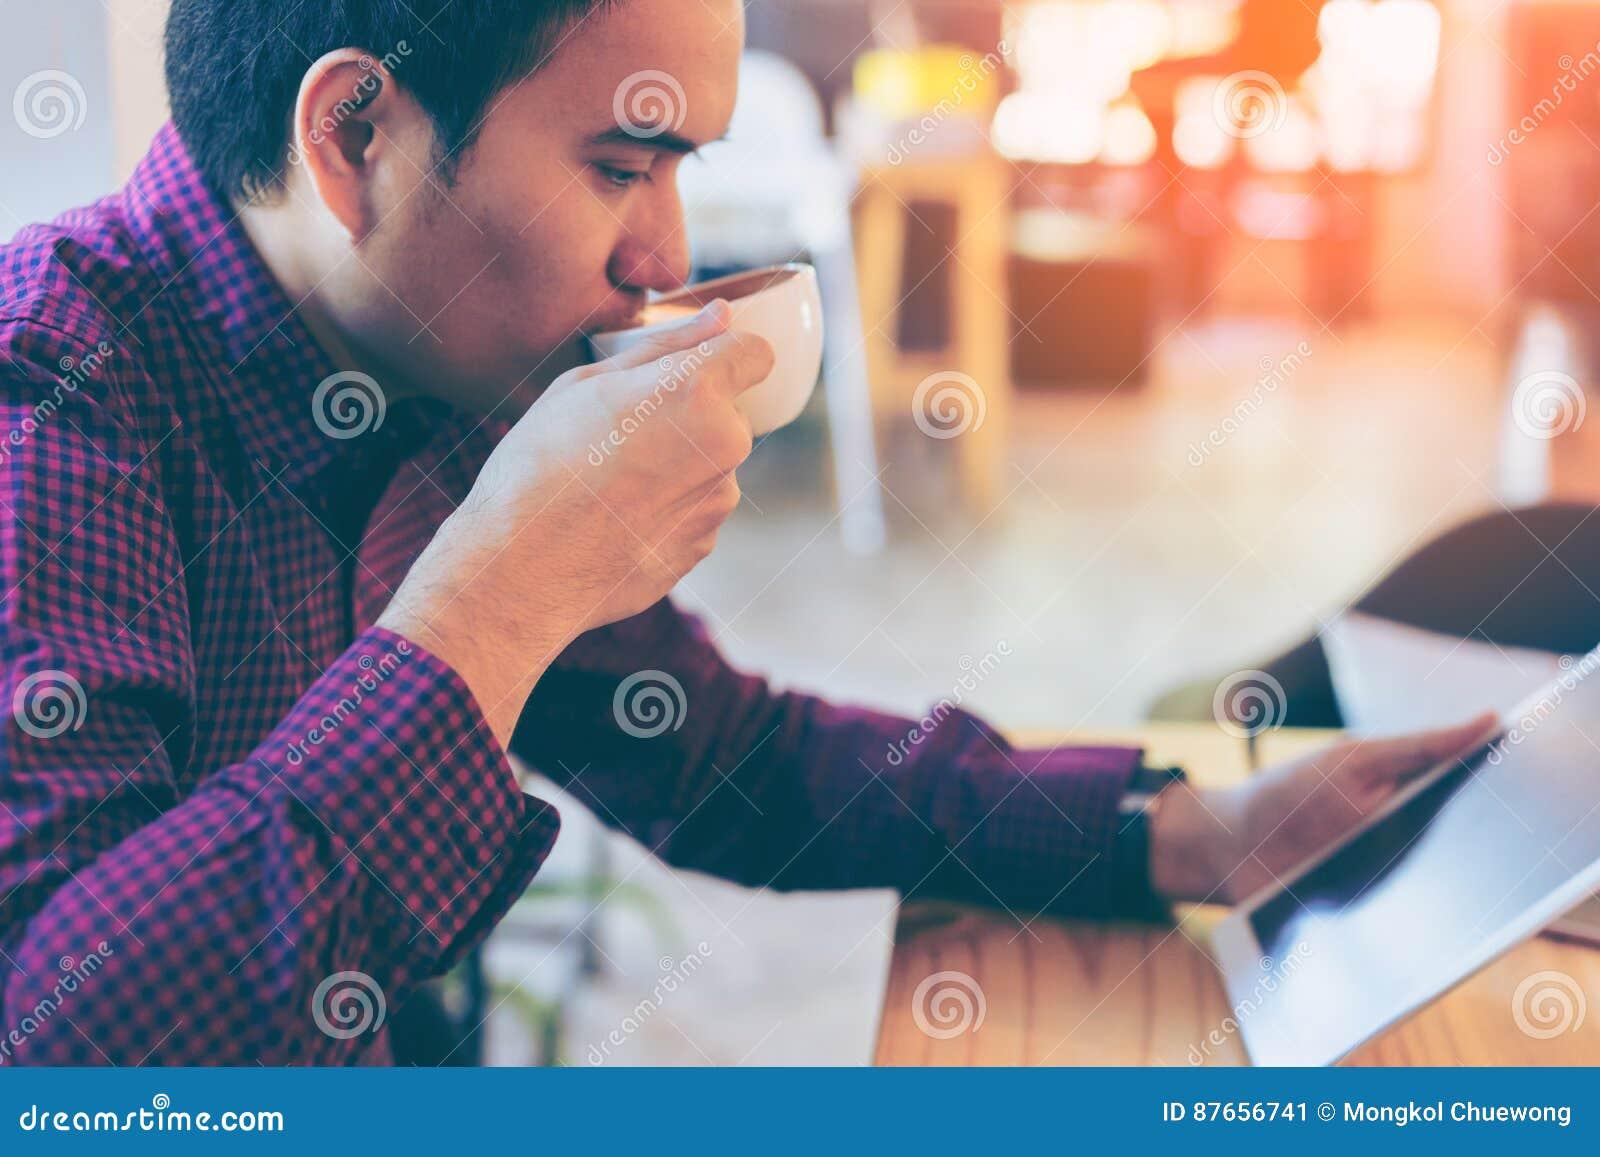 Νέος ασιατικός όμορφος επιχειρηματίας που χαμογελά διαβάζοντας τον πίνακά του